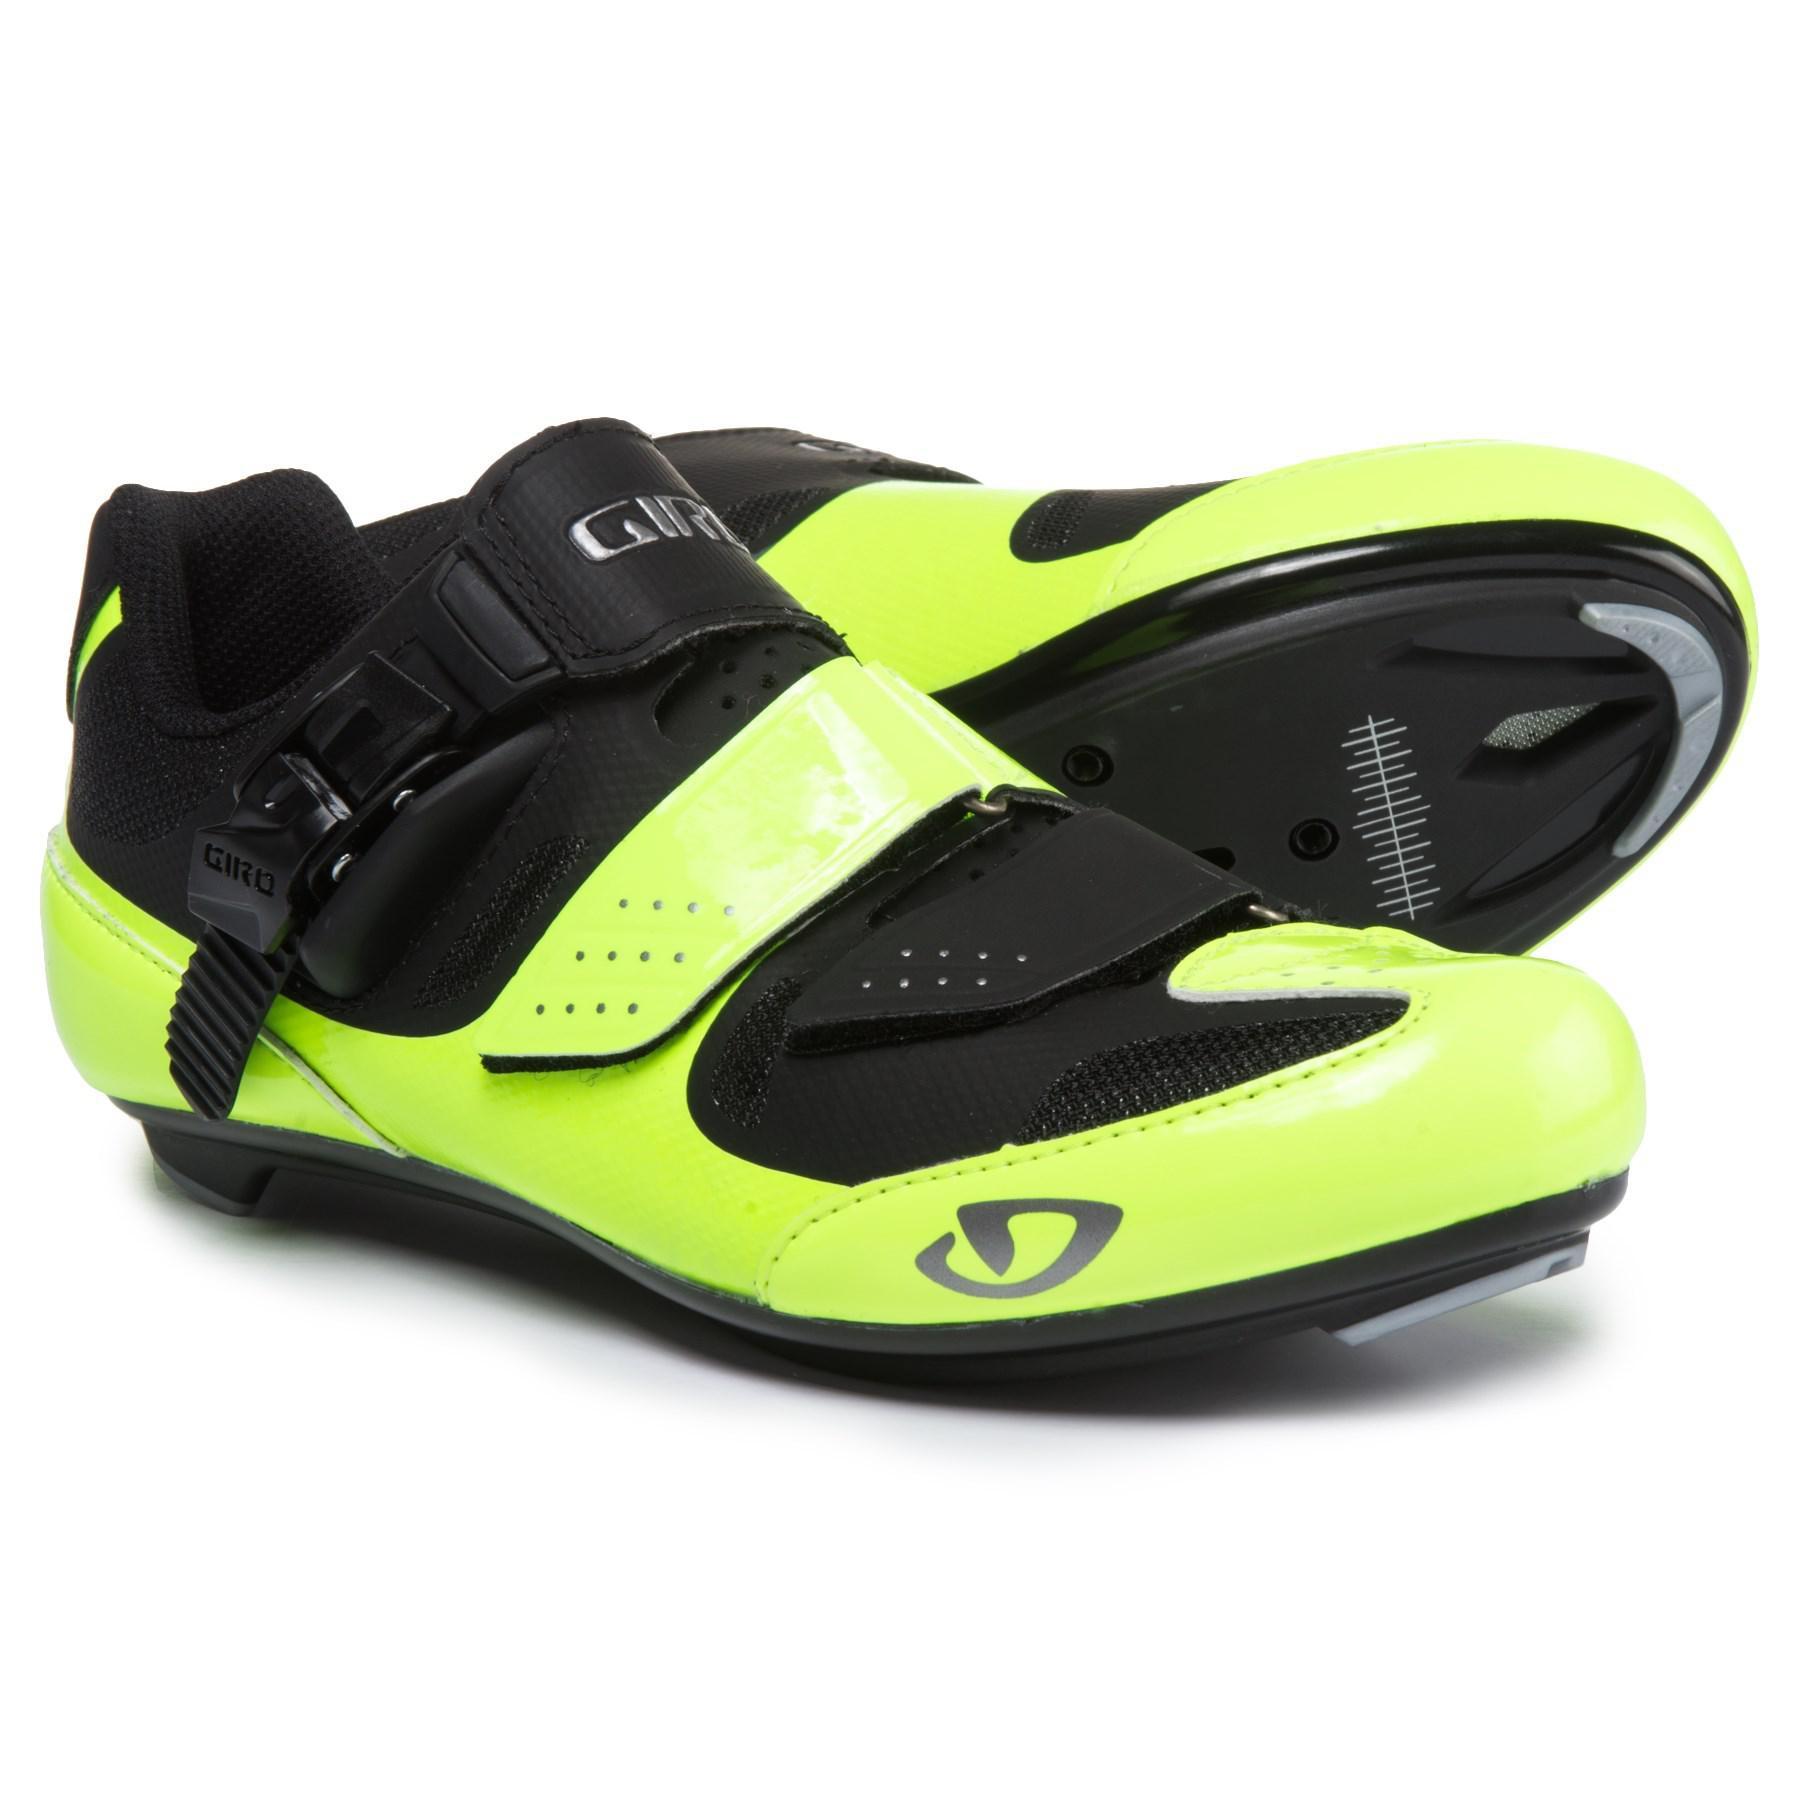 8d63de68cdd Lyst - Giro Solara Ii Road Cycling Shoes in Yellow for Men